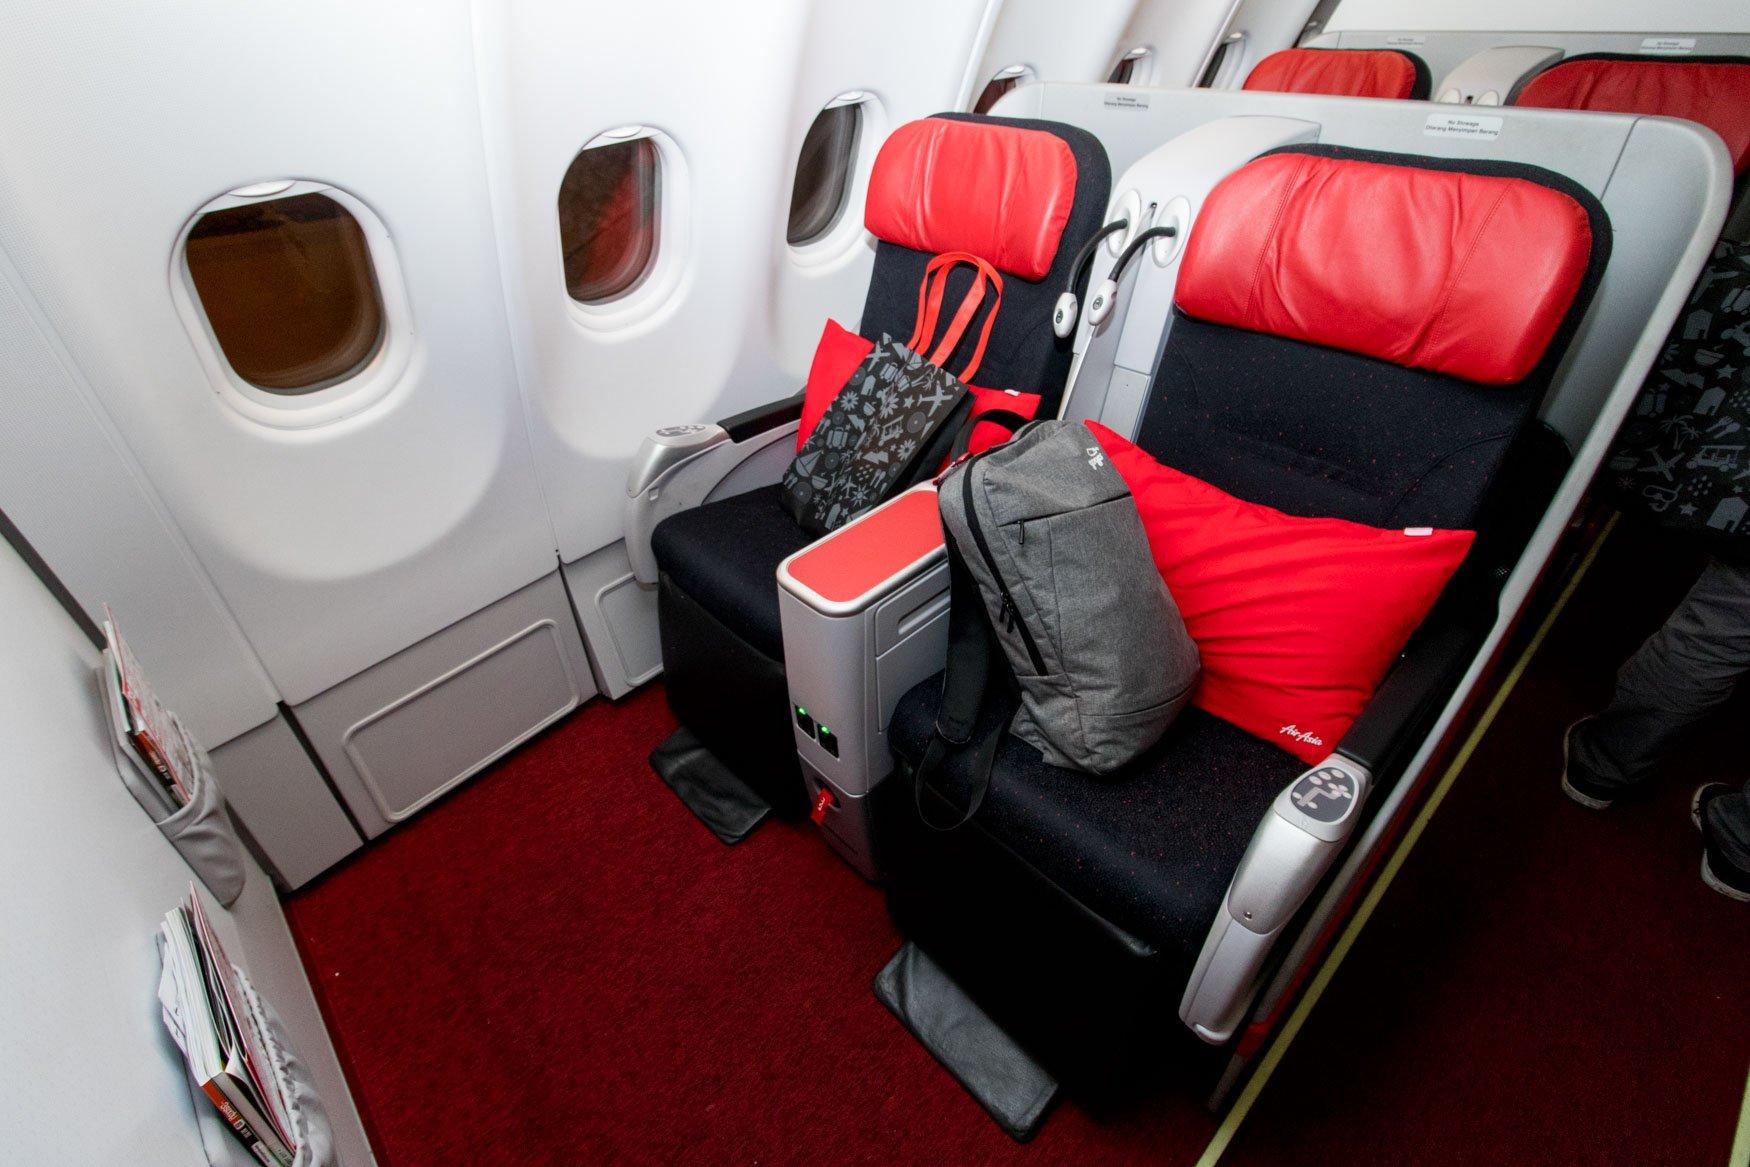 AirAsia X Premium Flatbed Seat